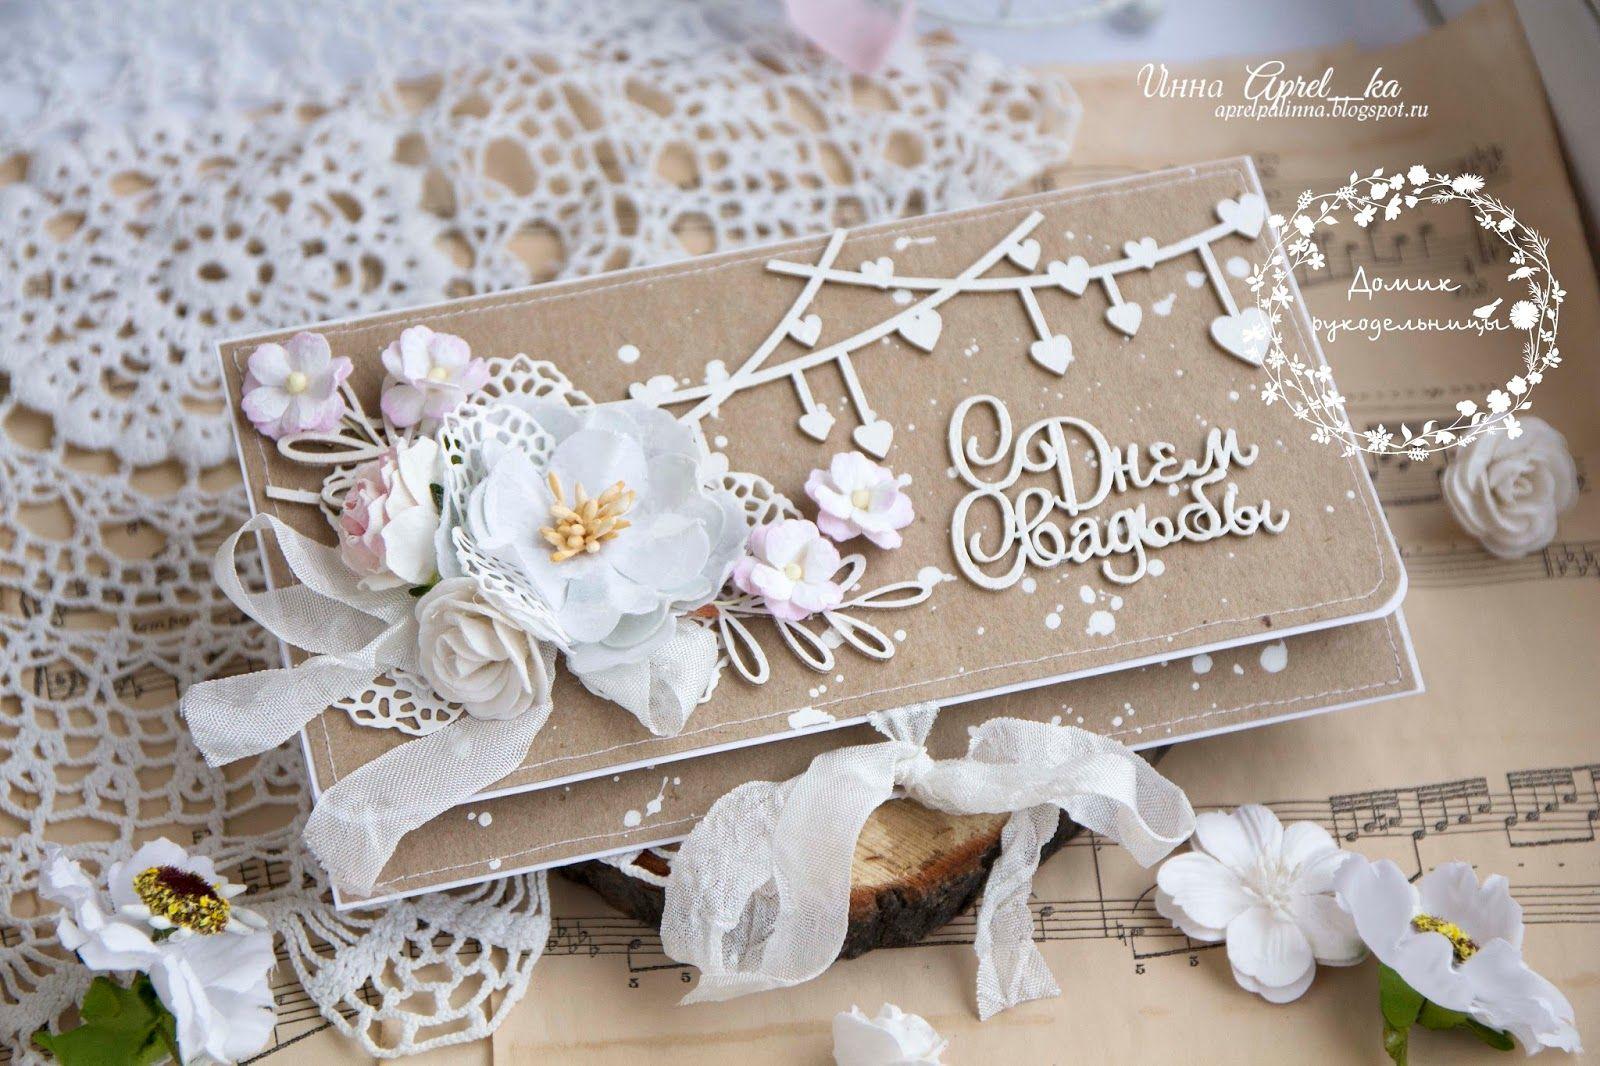 Свадебный скрапбукинг открытки фото фон, картинками про